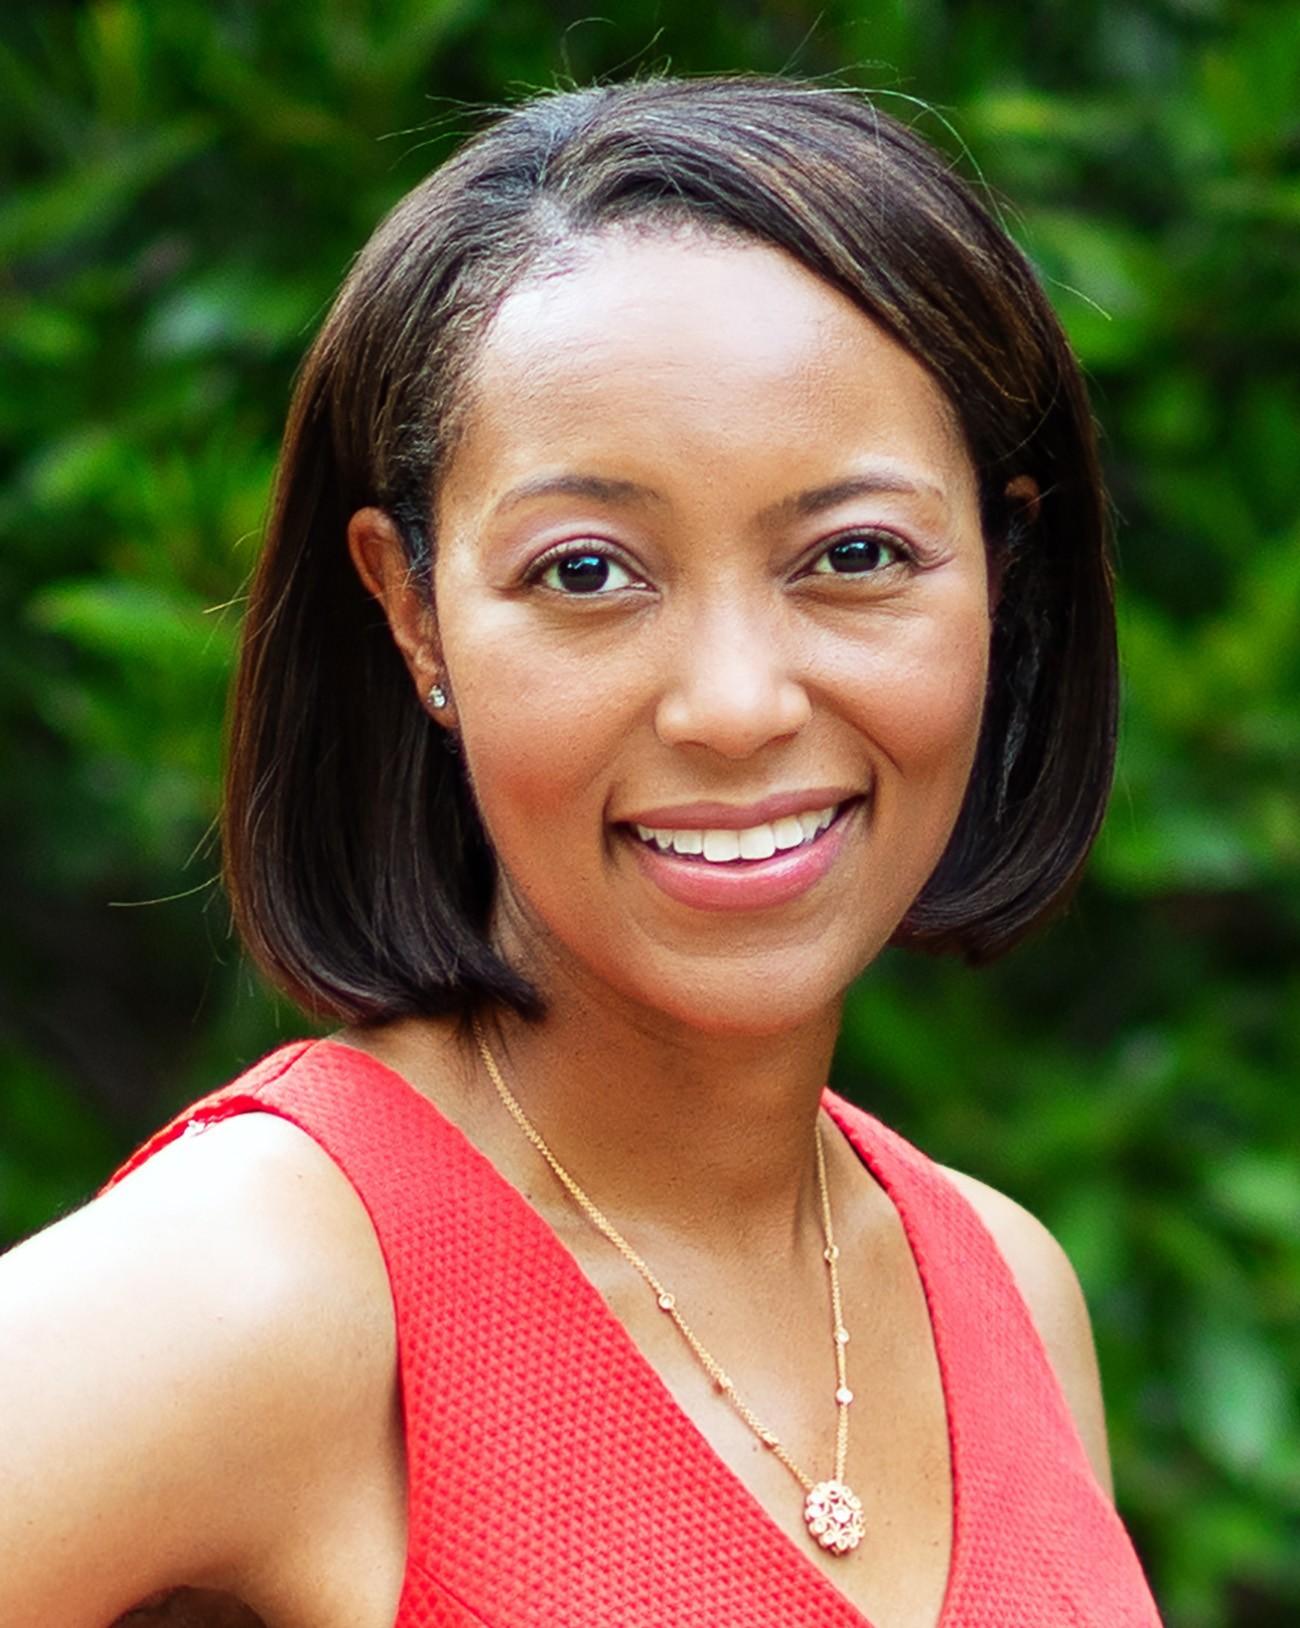 Adrianne Bagley, M.D.'s Headshot